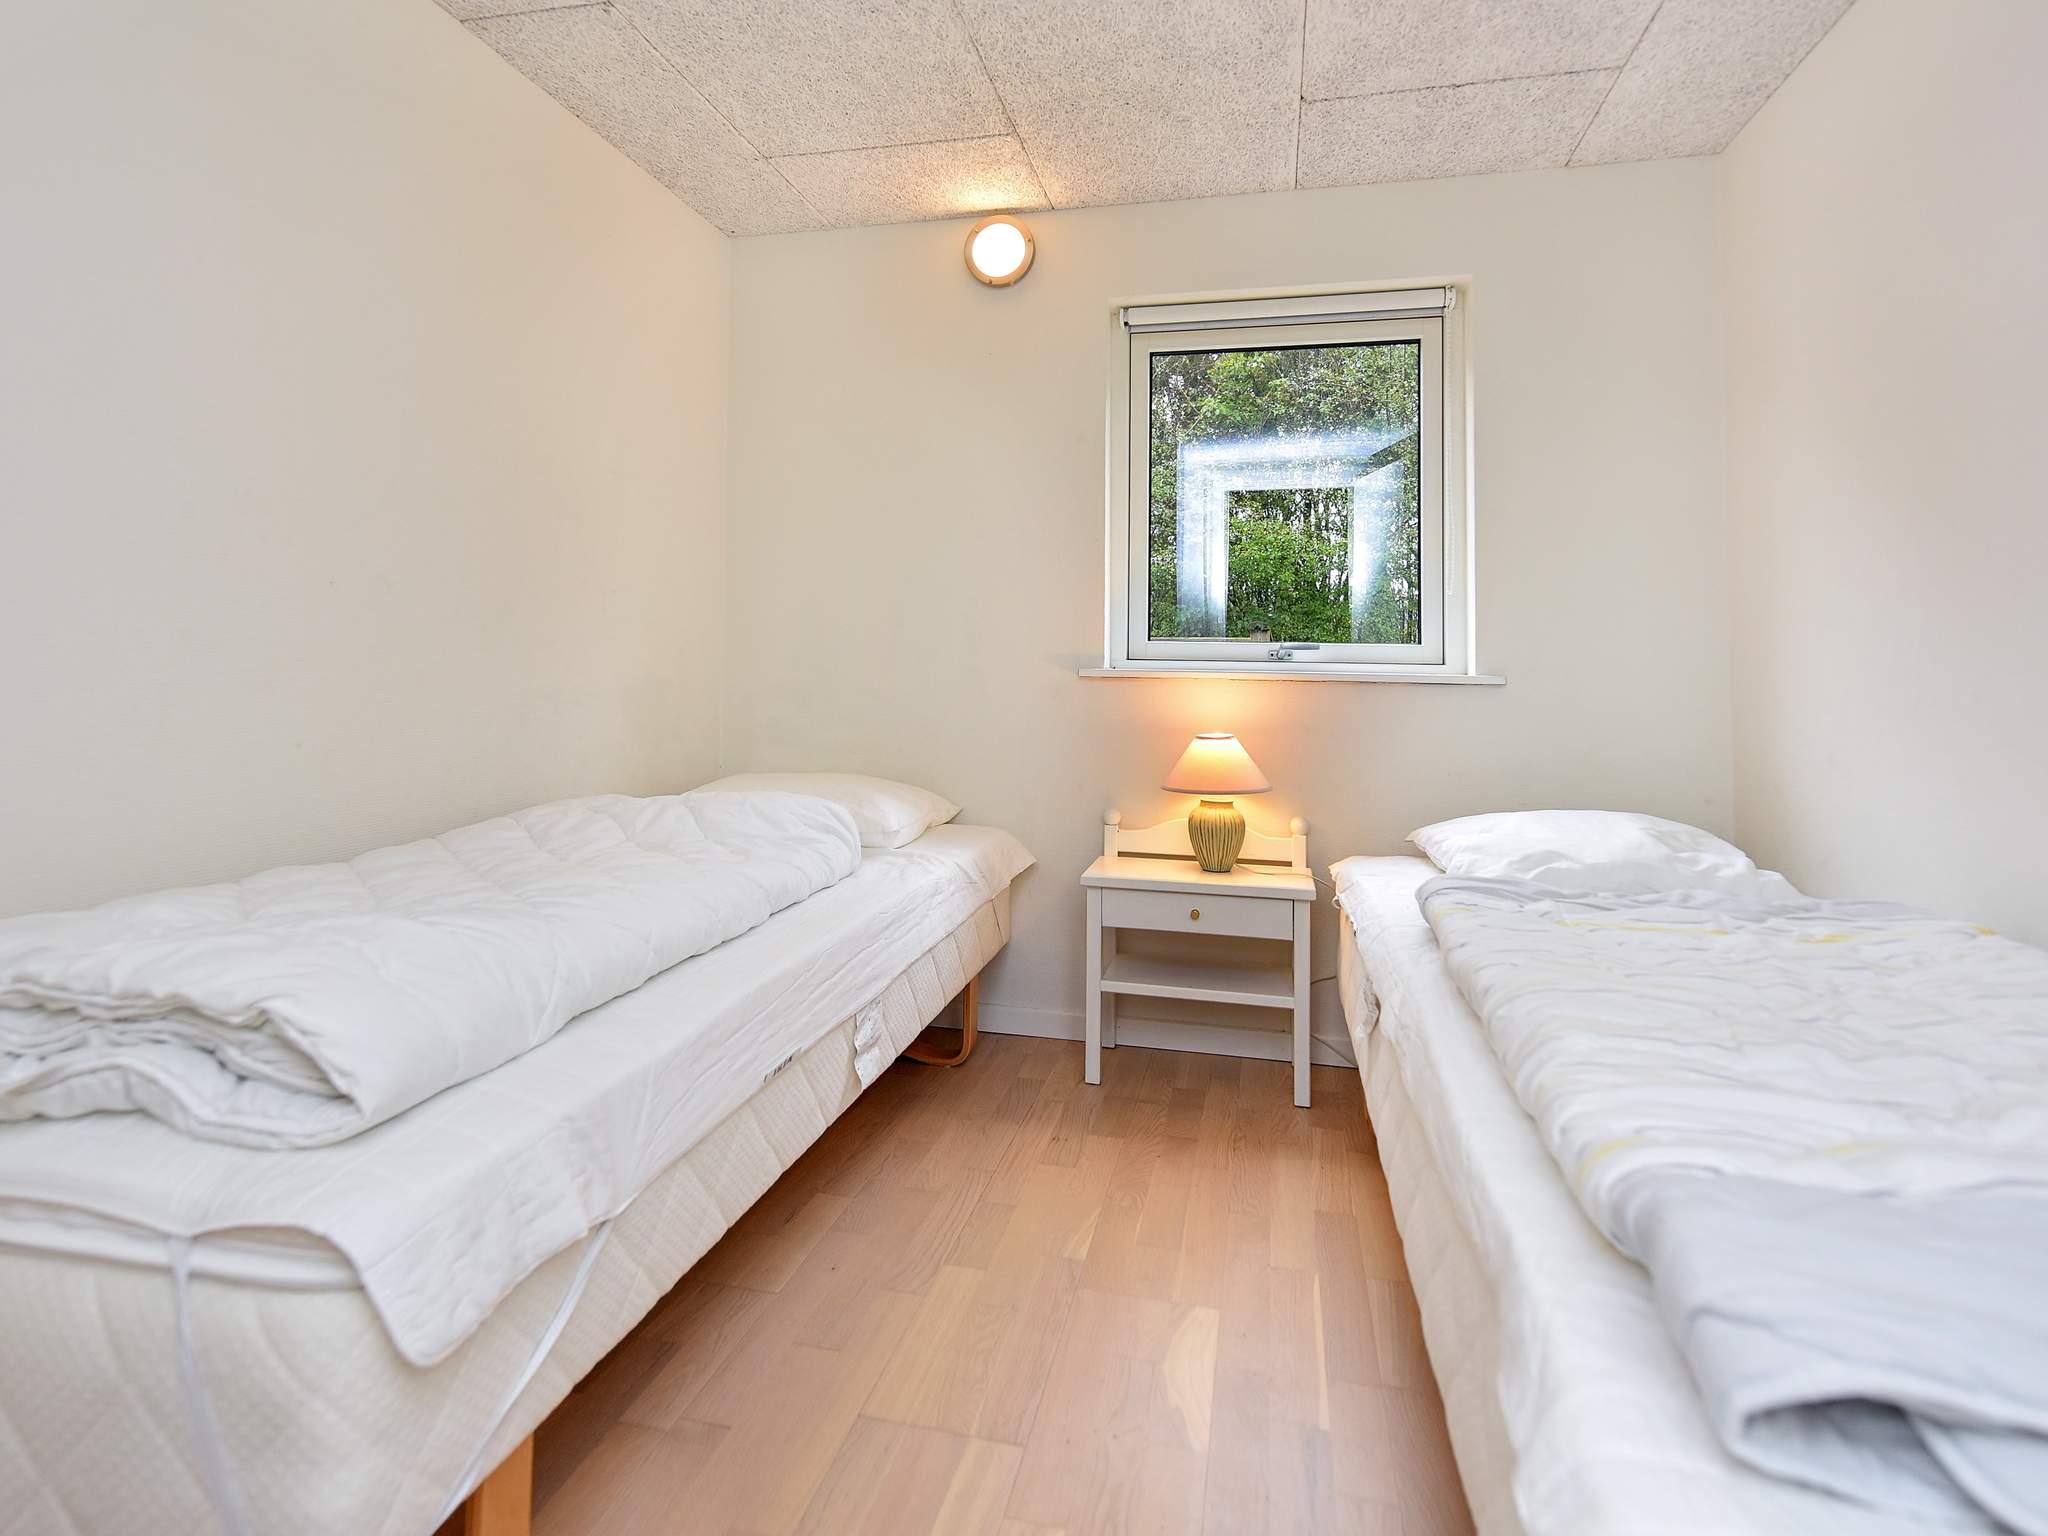 Ferienhaus Hovborg (404746), Hovborg, , Südjütland, Dänemark, Bild 11